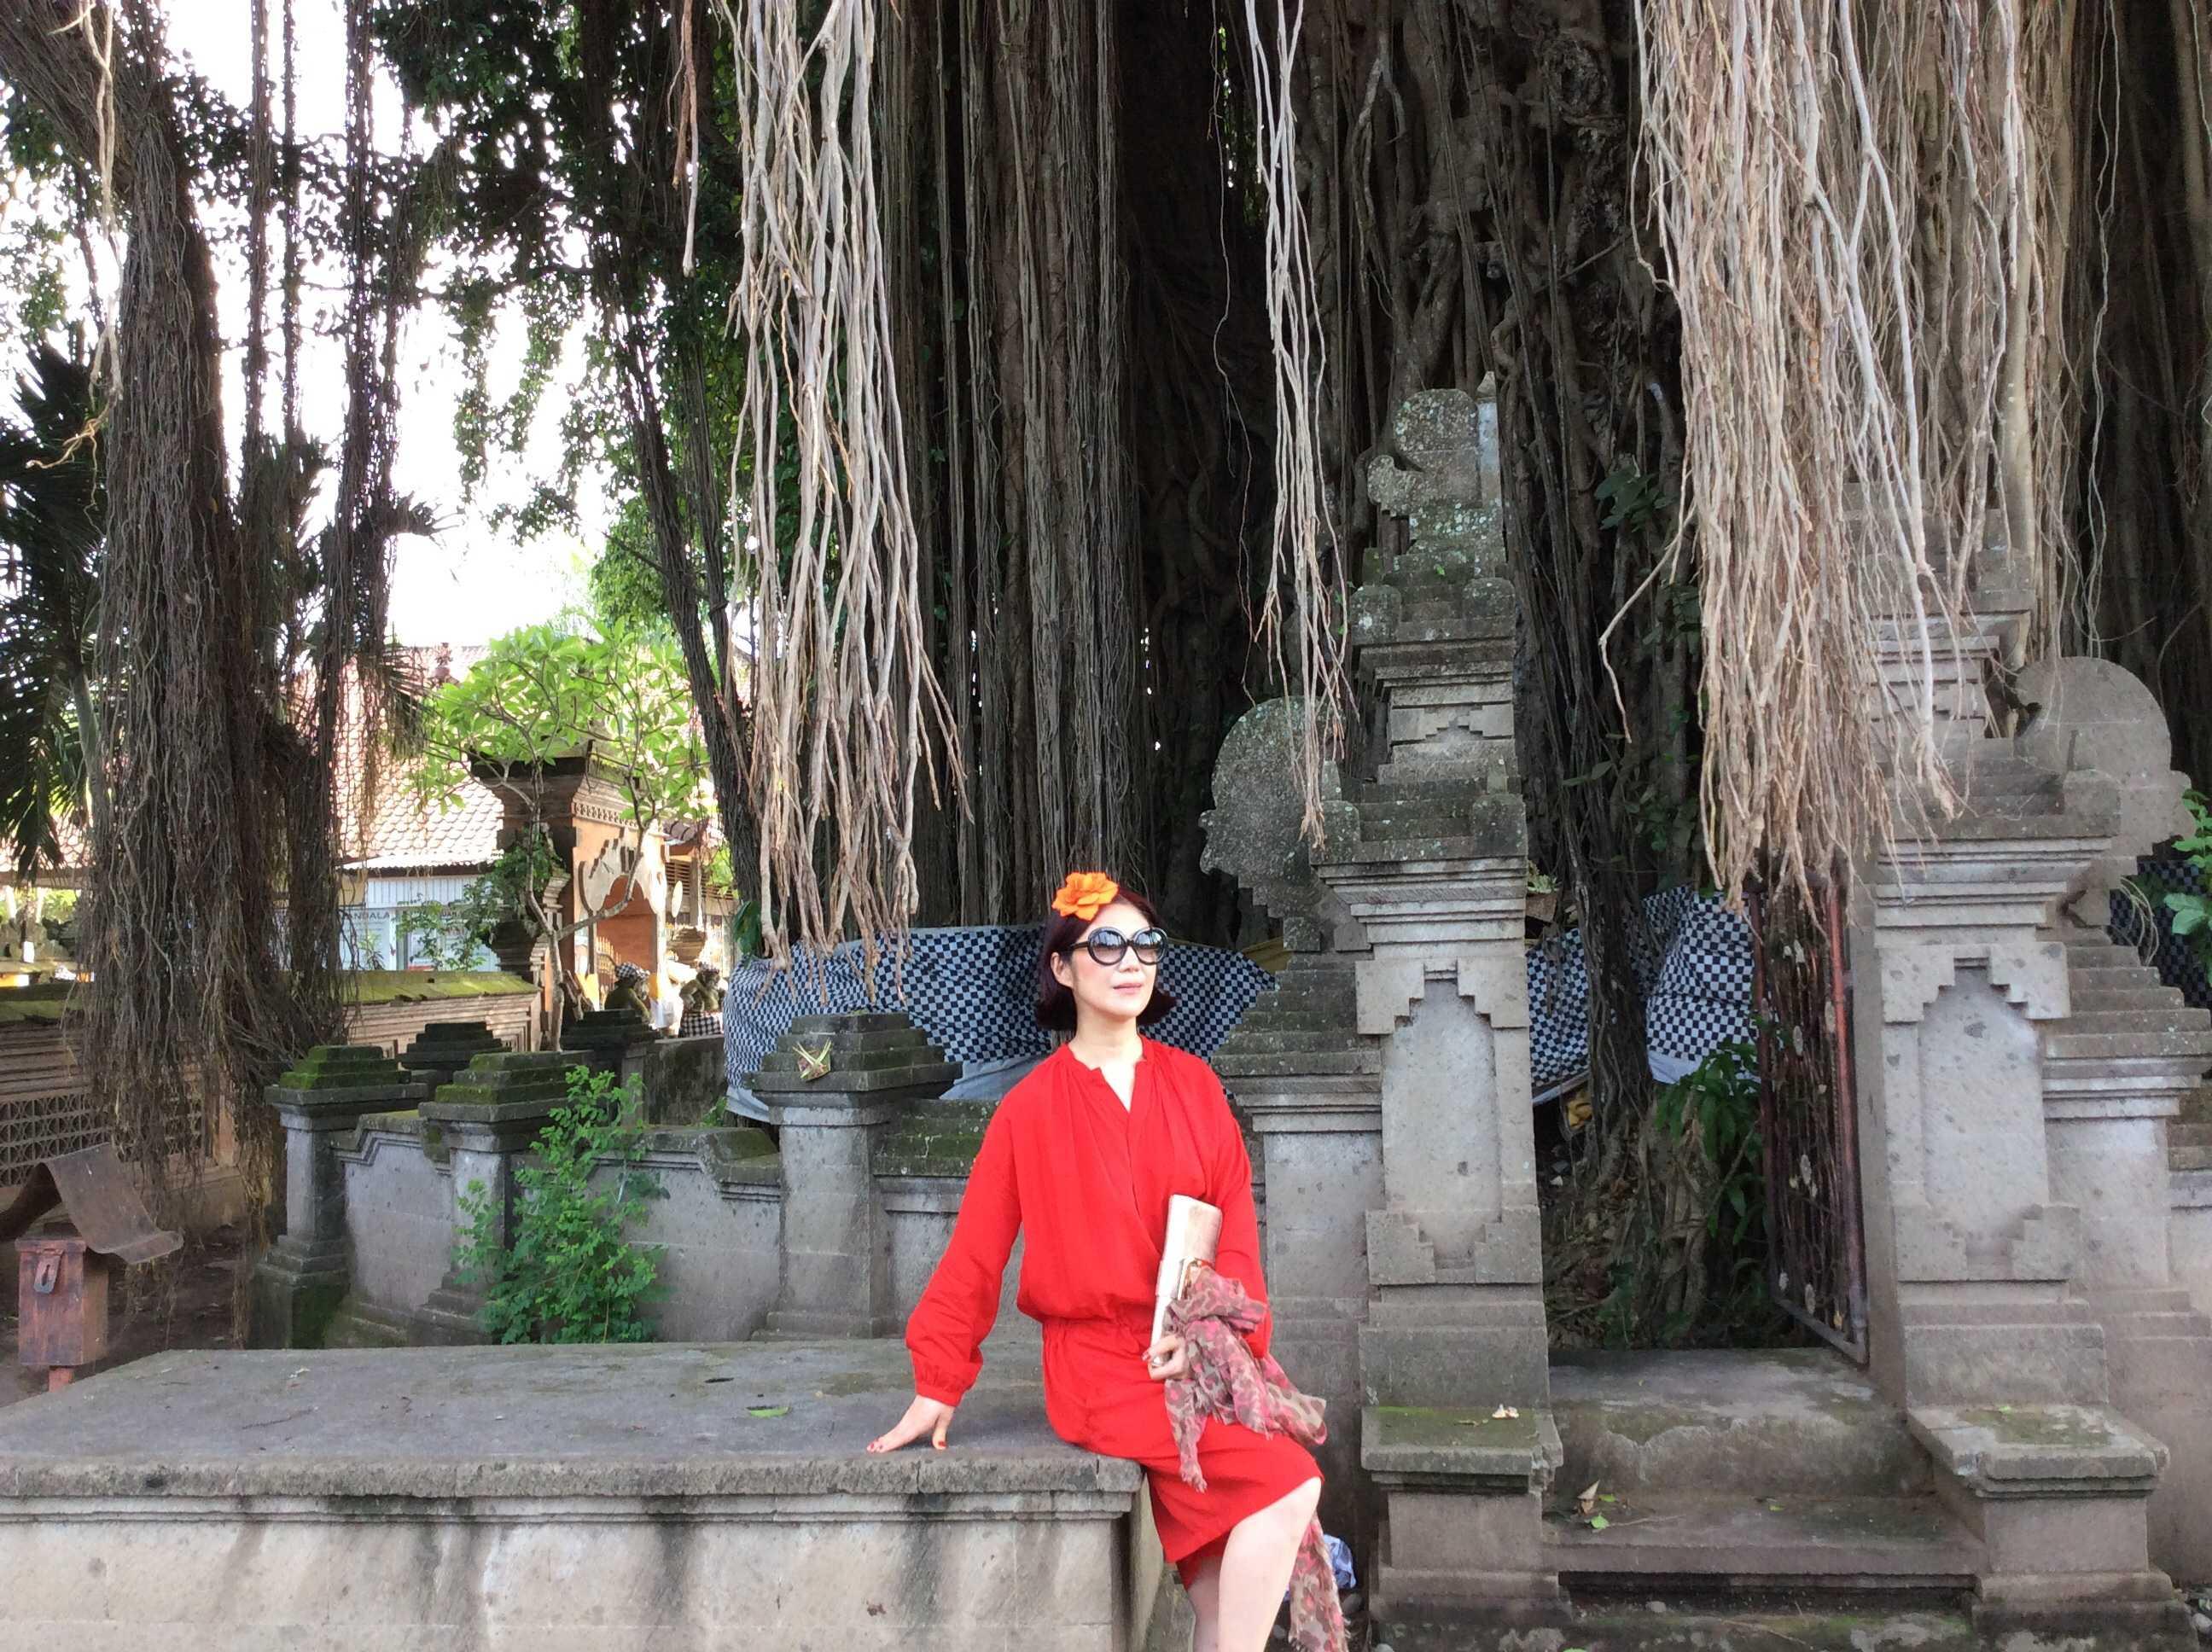 バンヤンツリーの木の下で☆_d0339884_17452212.jpg